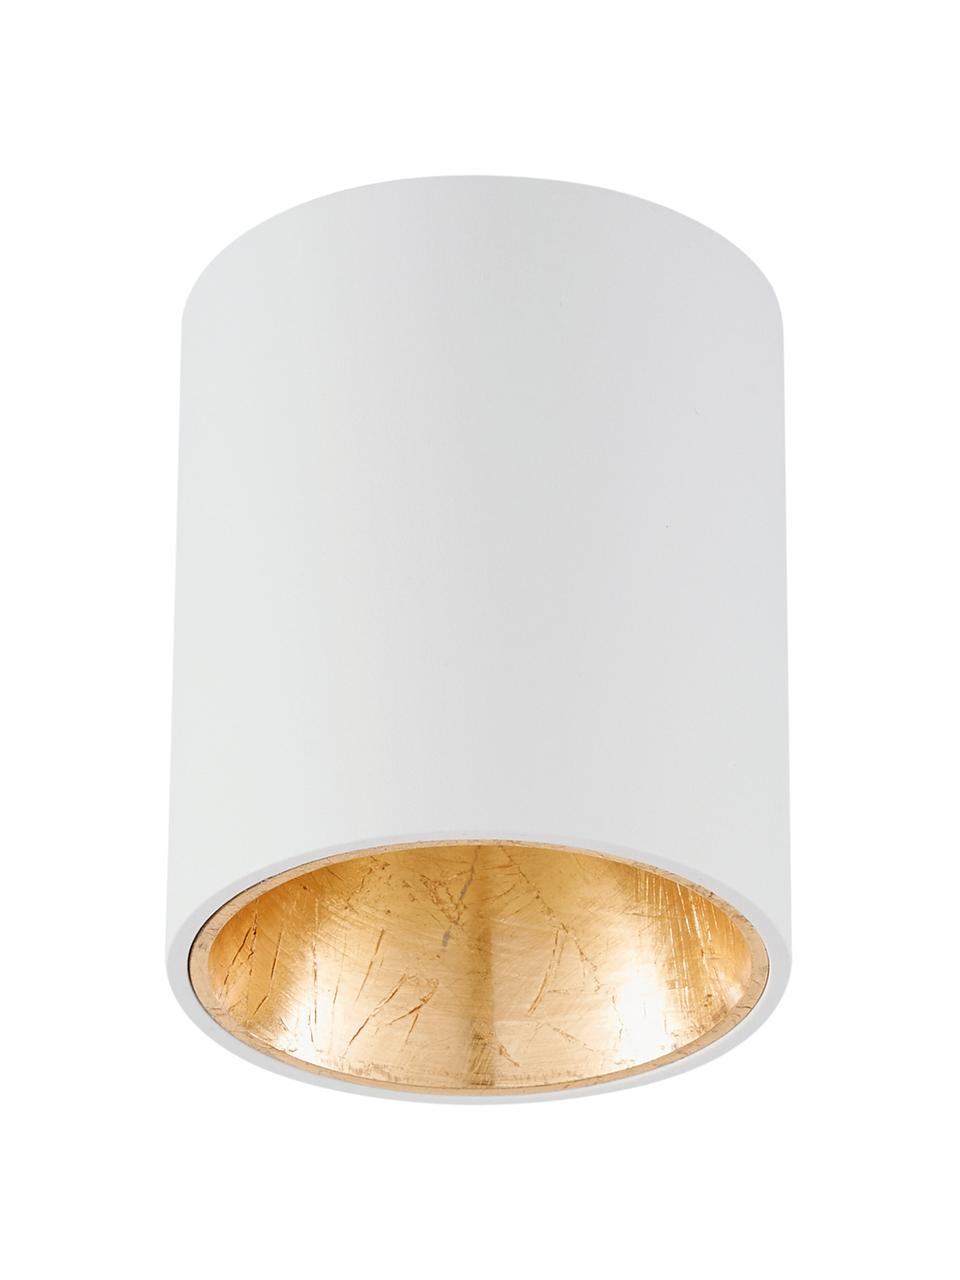 Spot plafond LED Marty, Blanc, couleur dorée